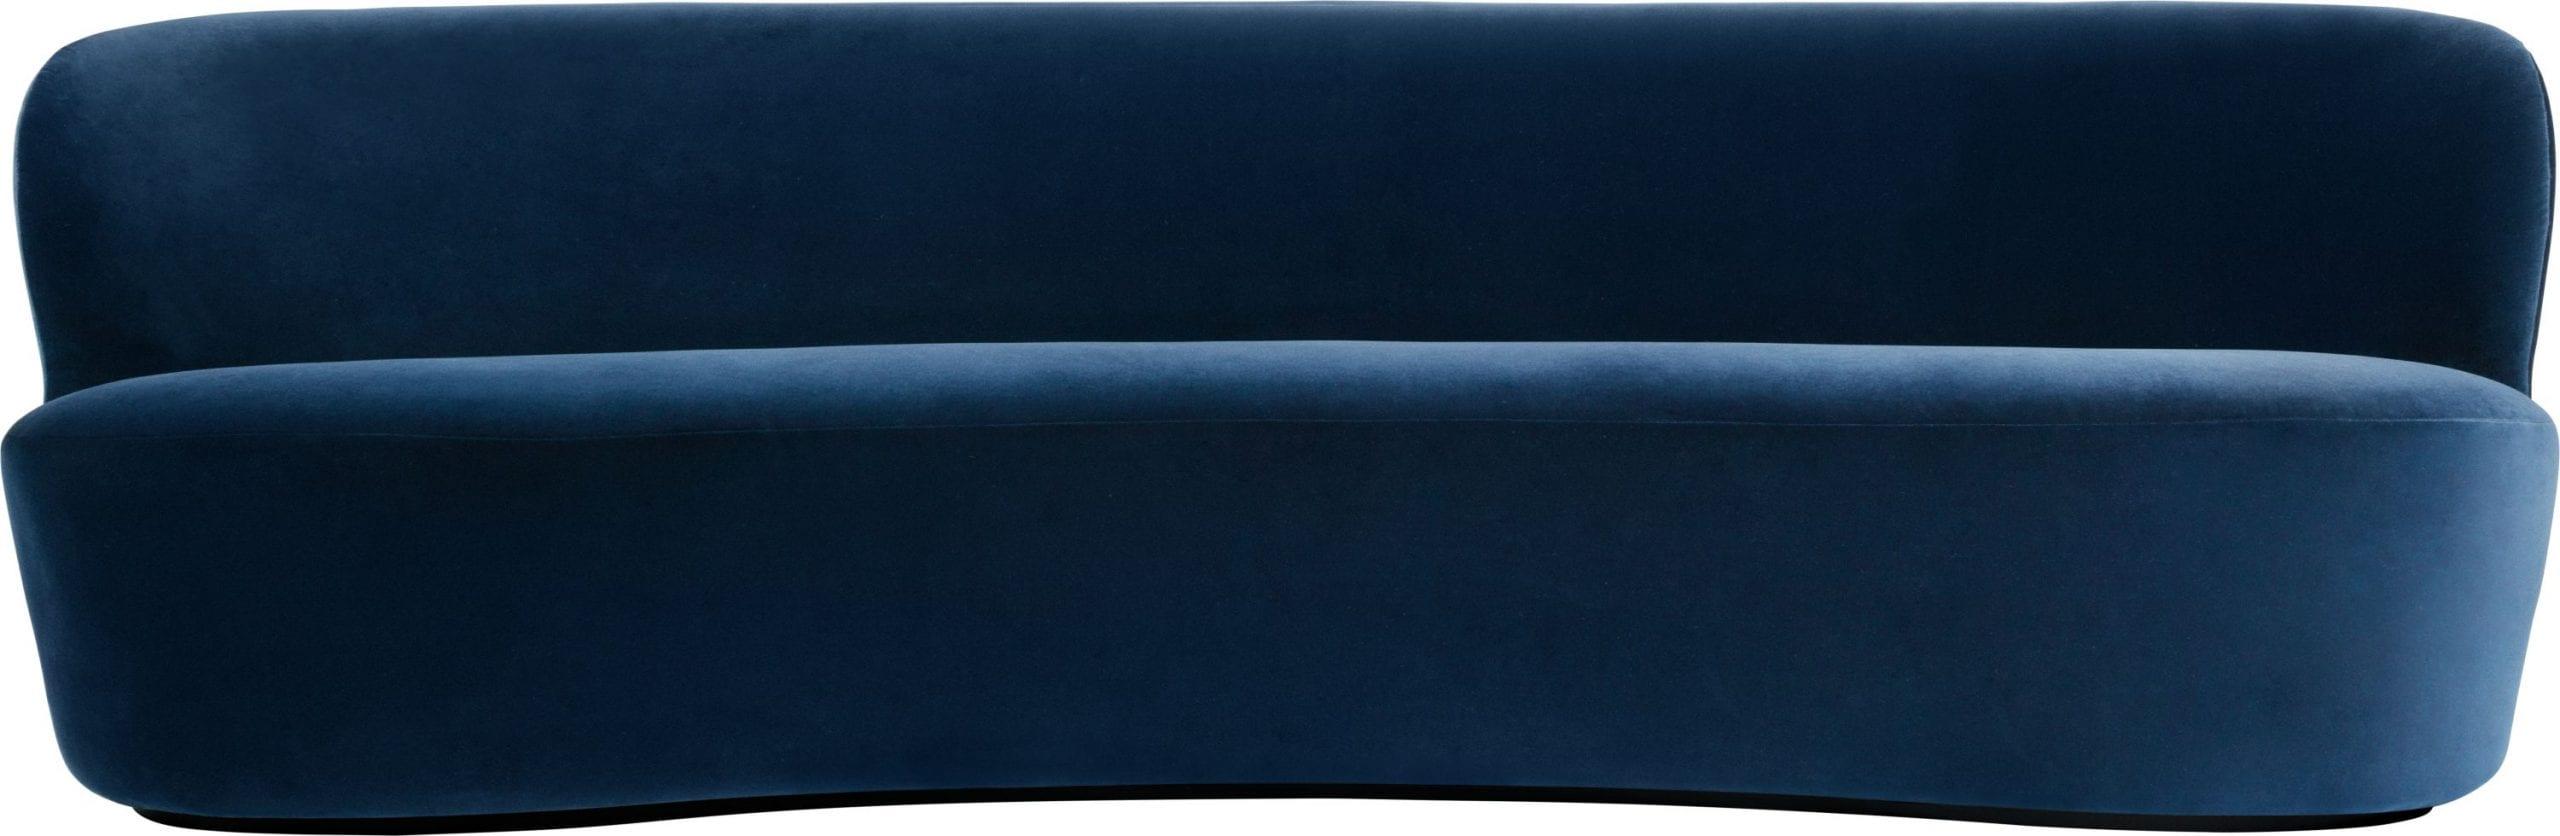 ספה מעוצבת אובלית